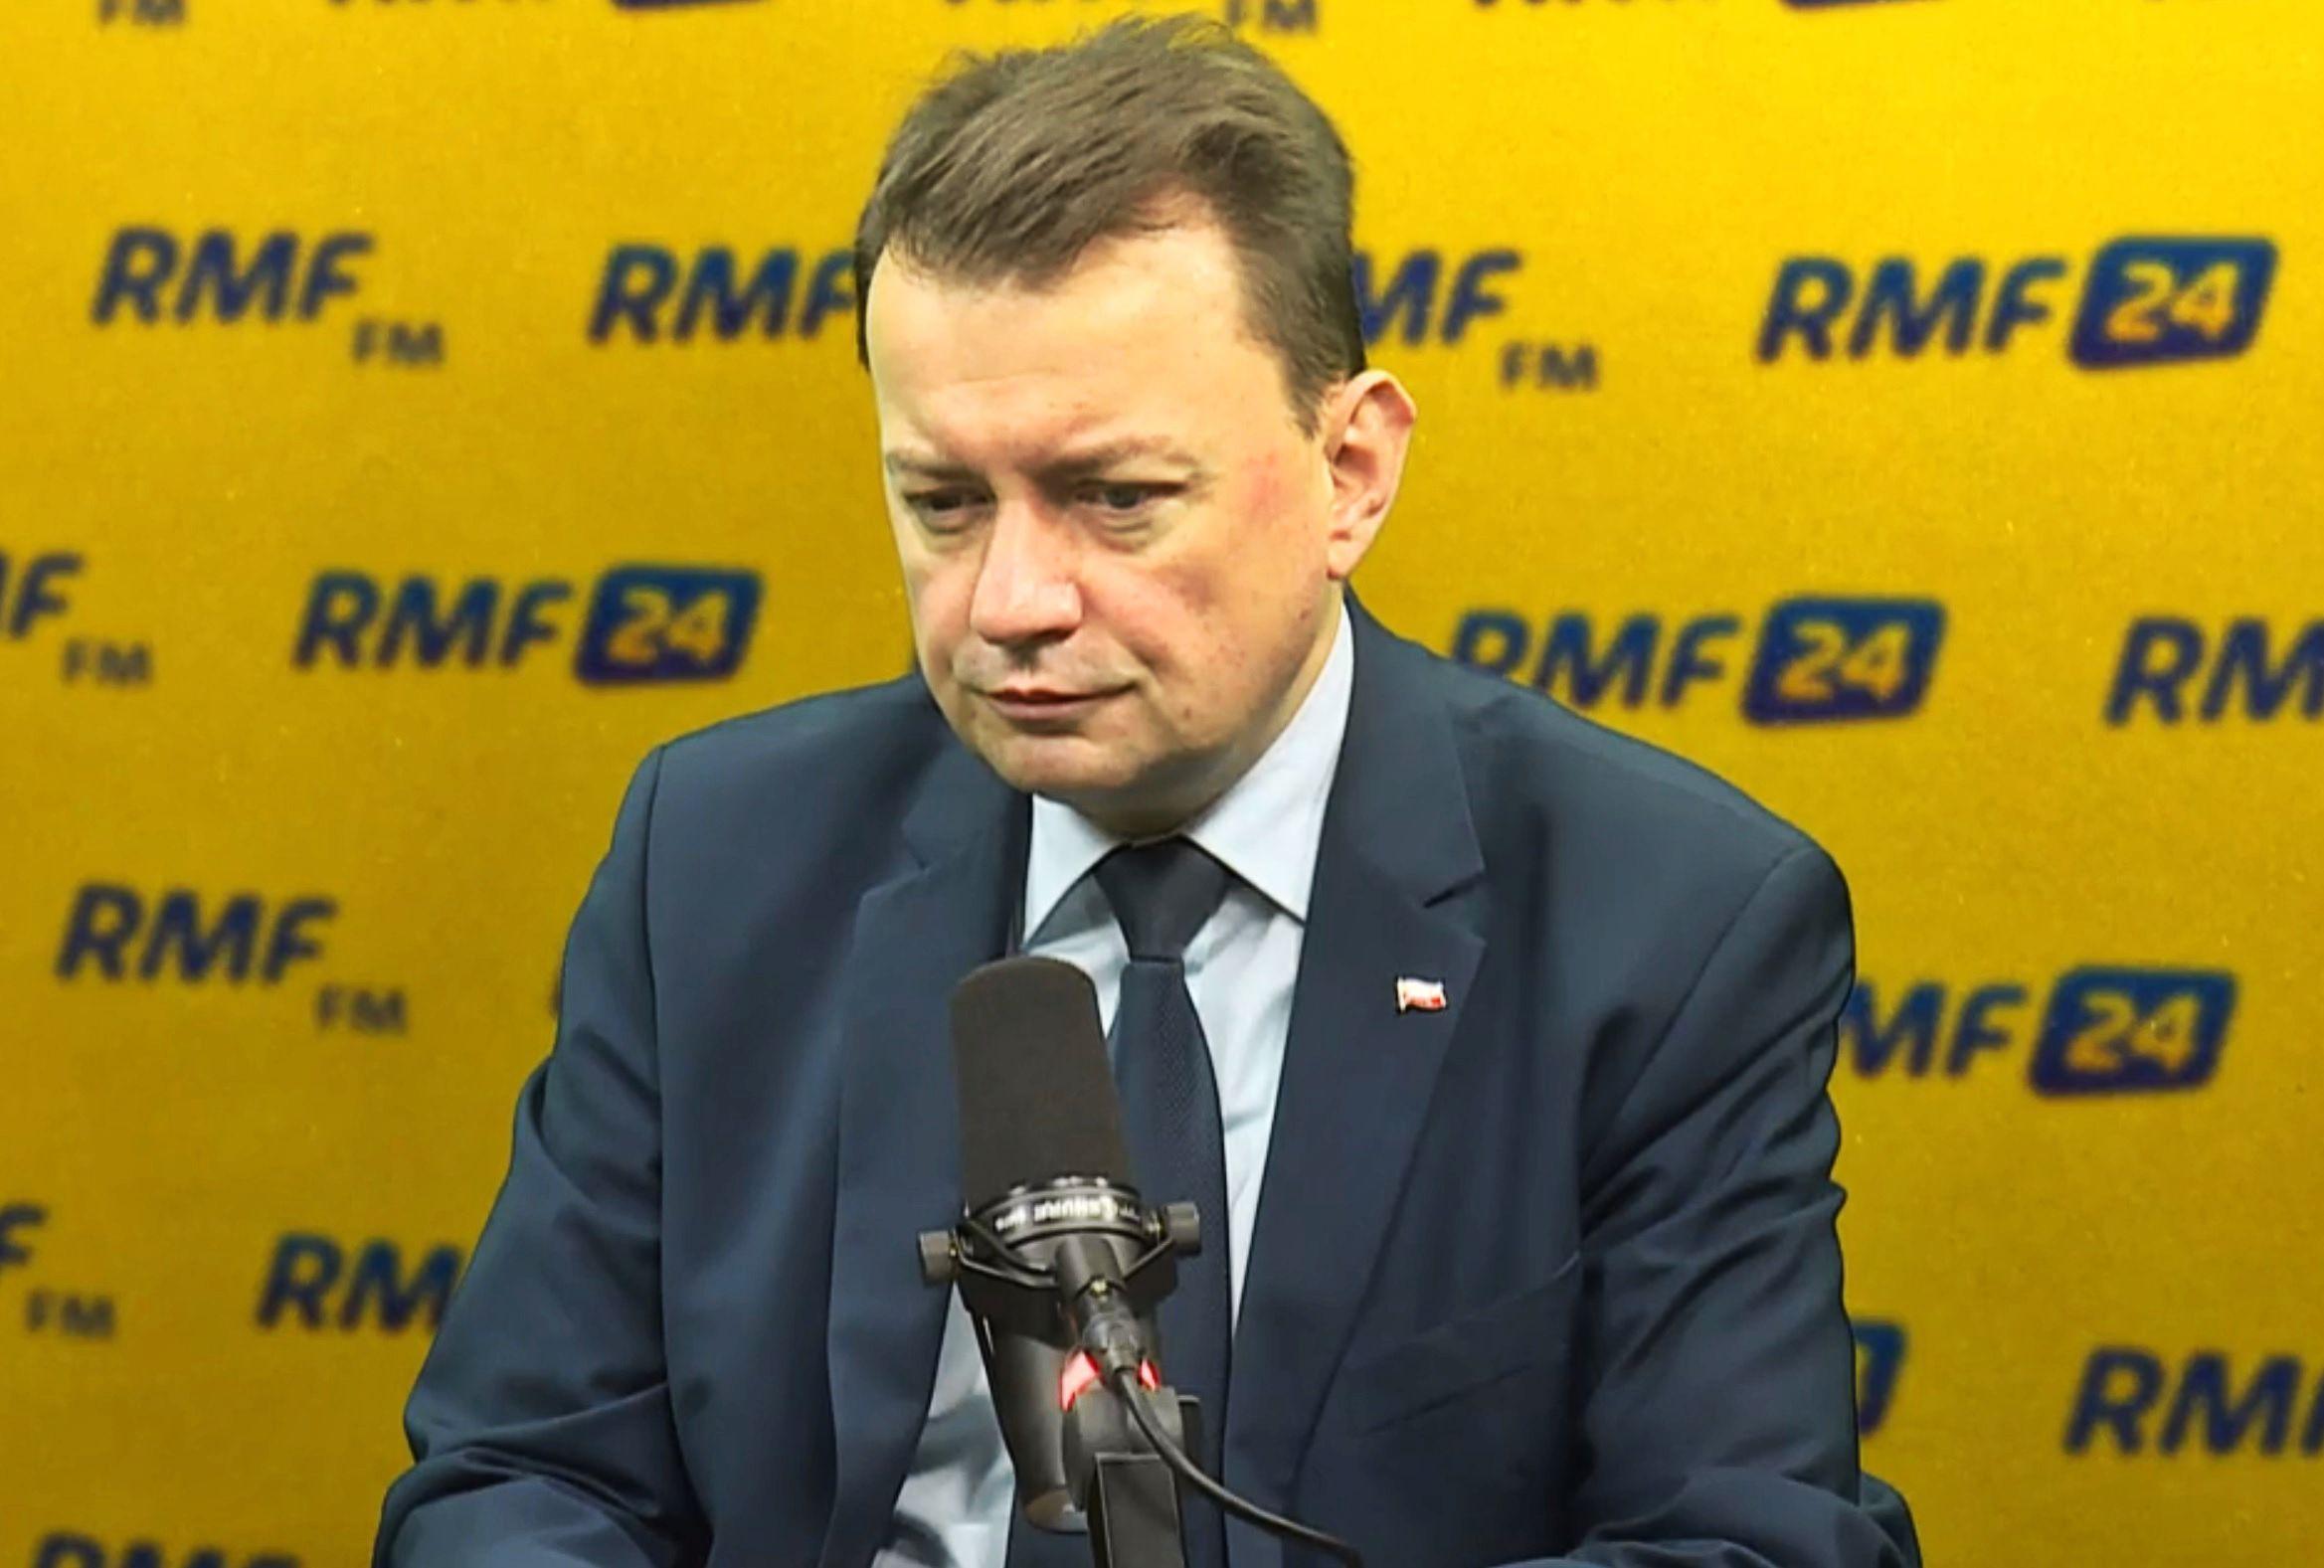 Opozycja chce zlinczować Błaszczaka! Ostry komentarz o samobójcy spod PKiN